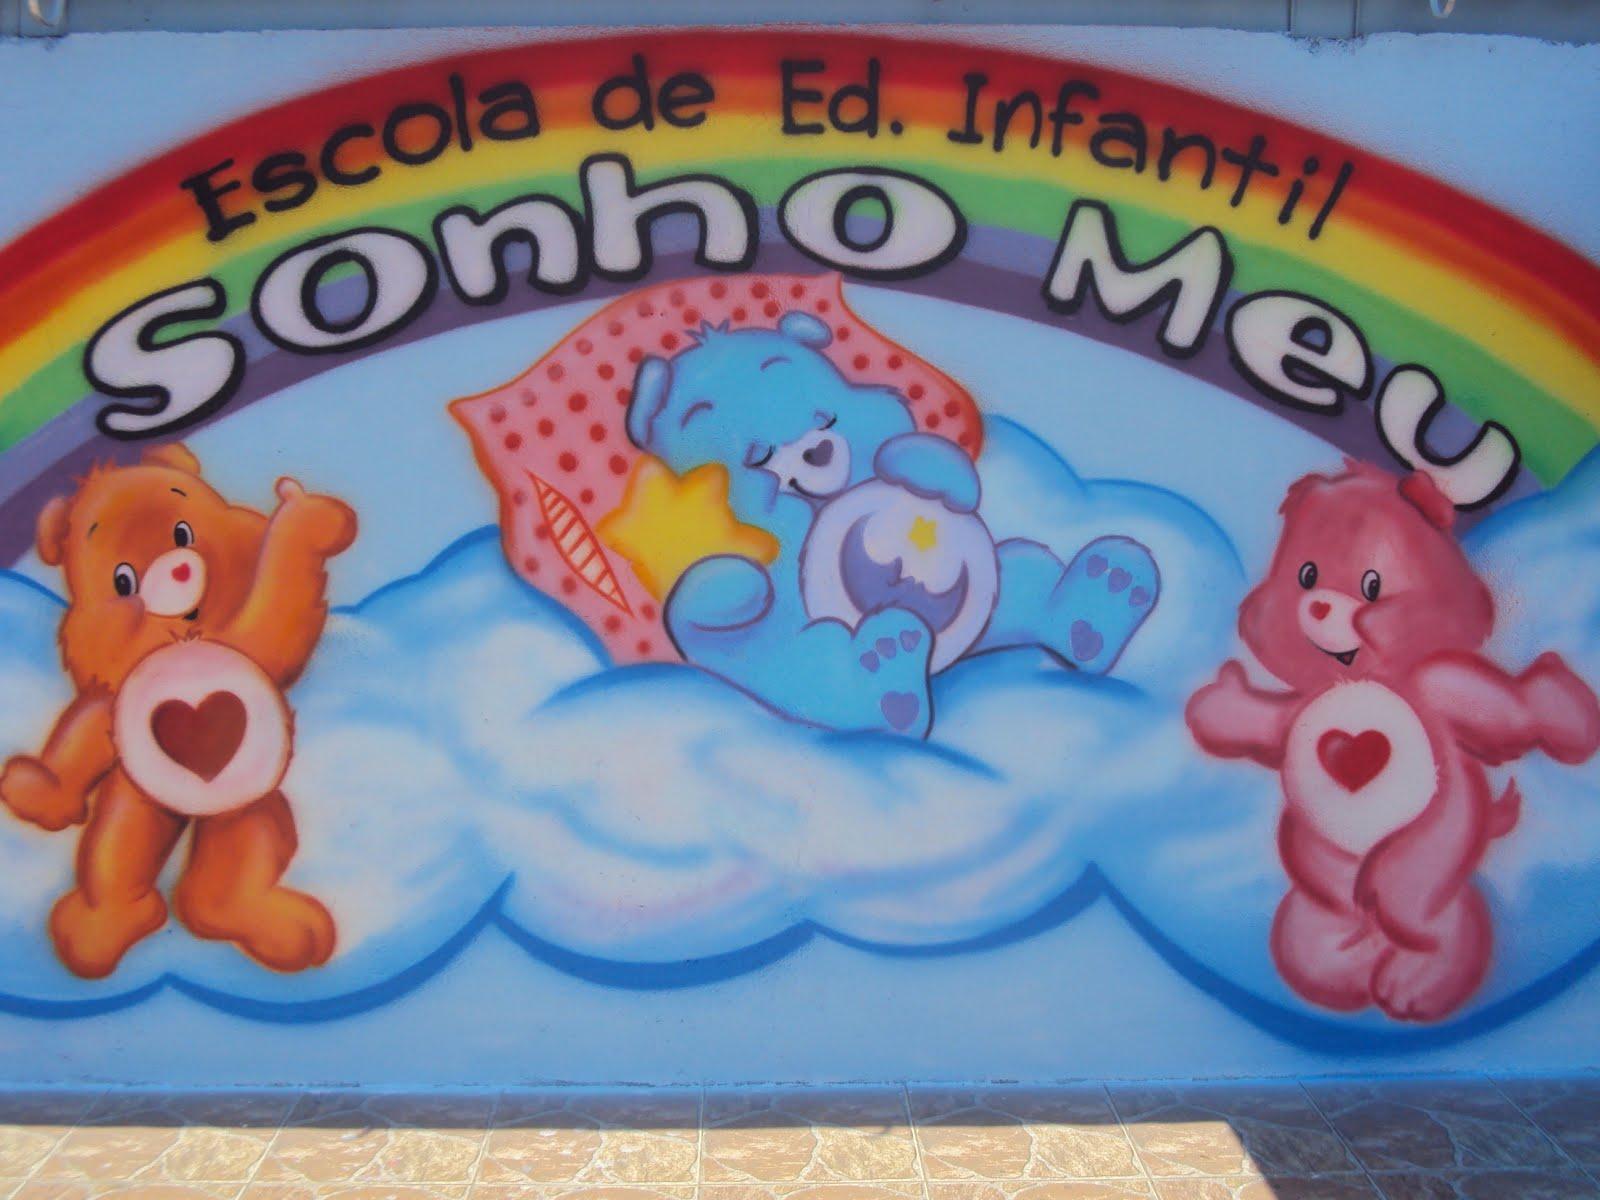 Escola de Educação Infantil Sonho Meu